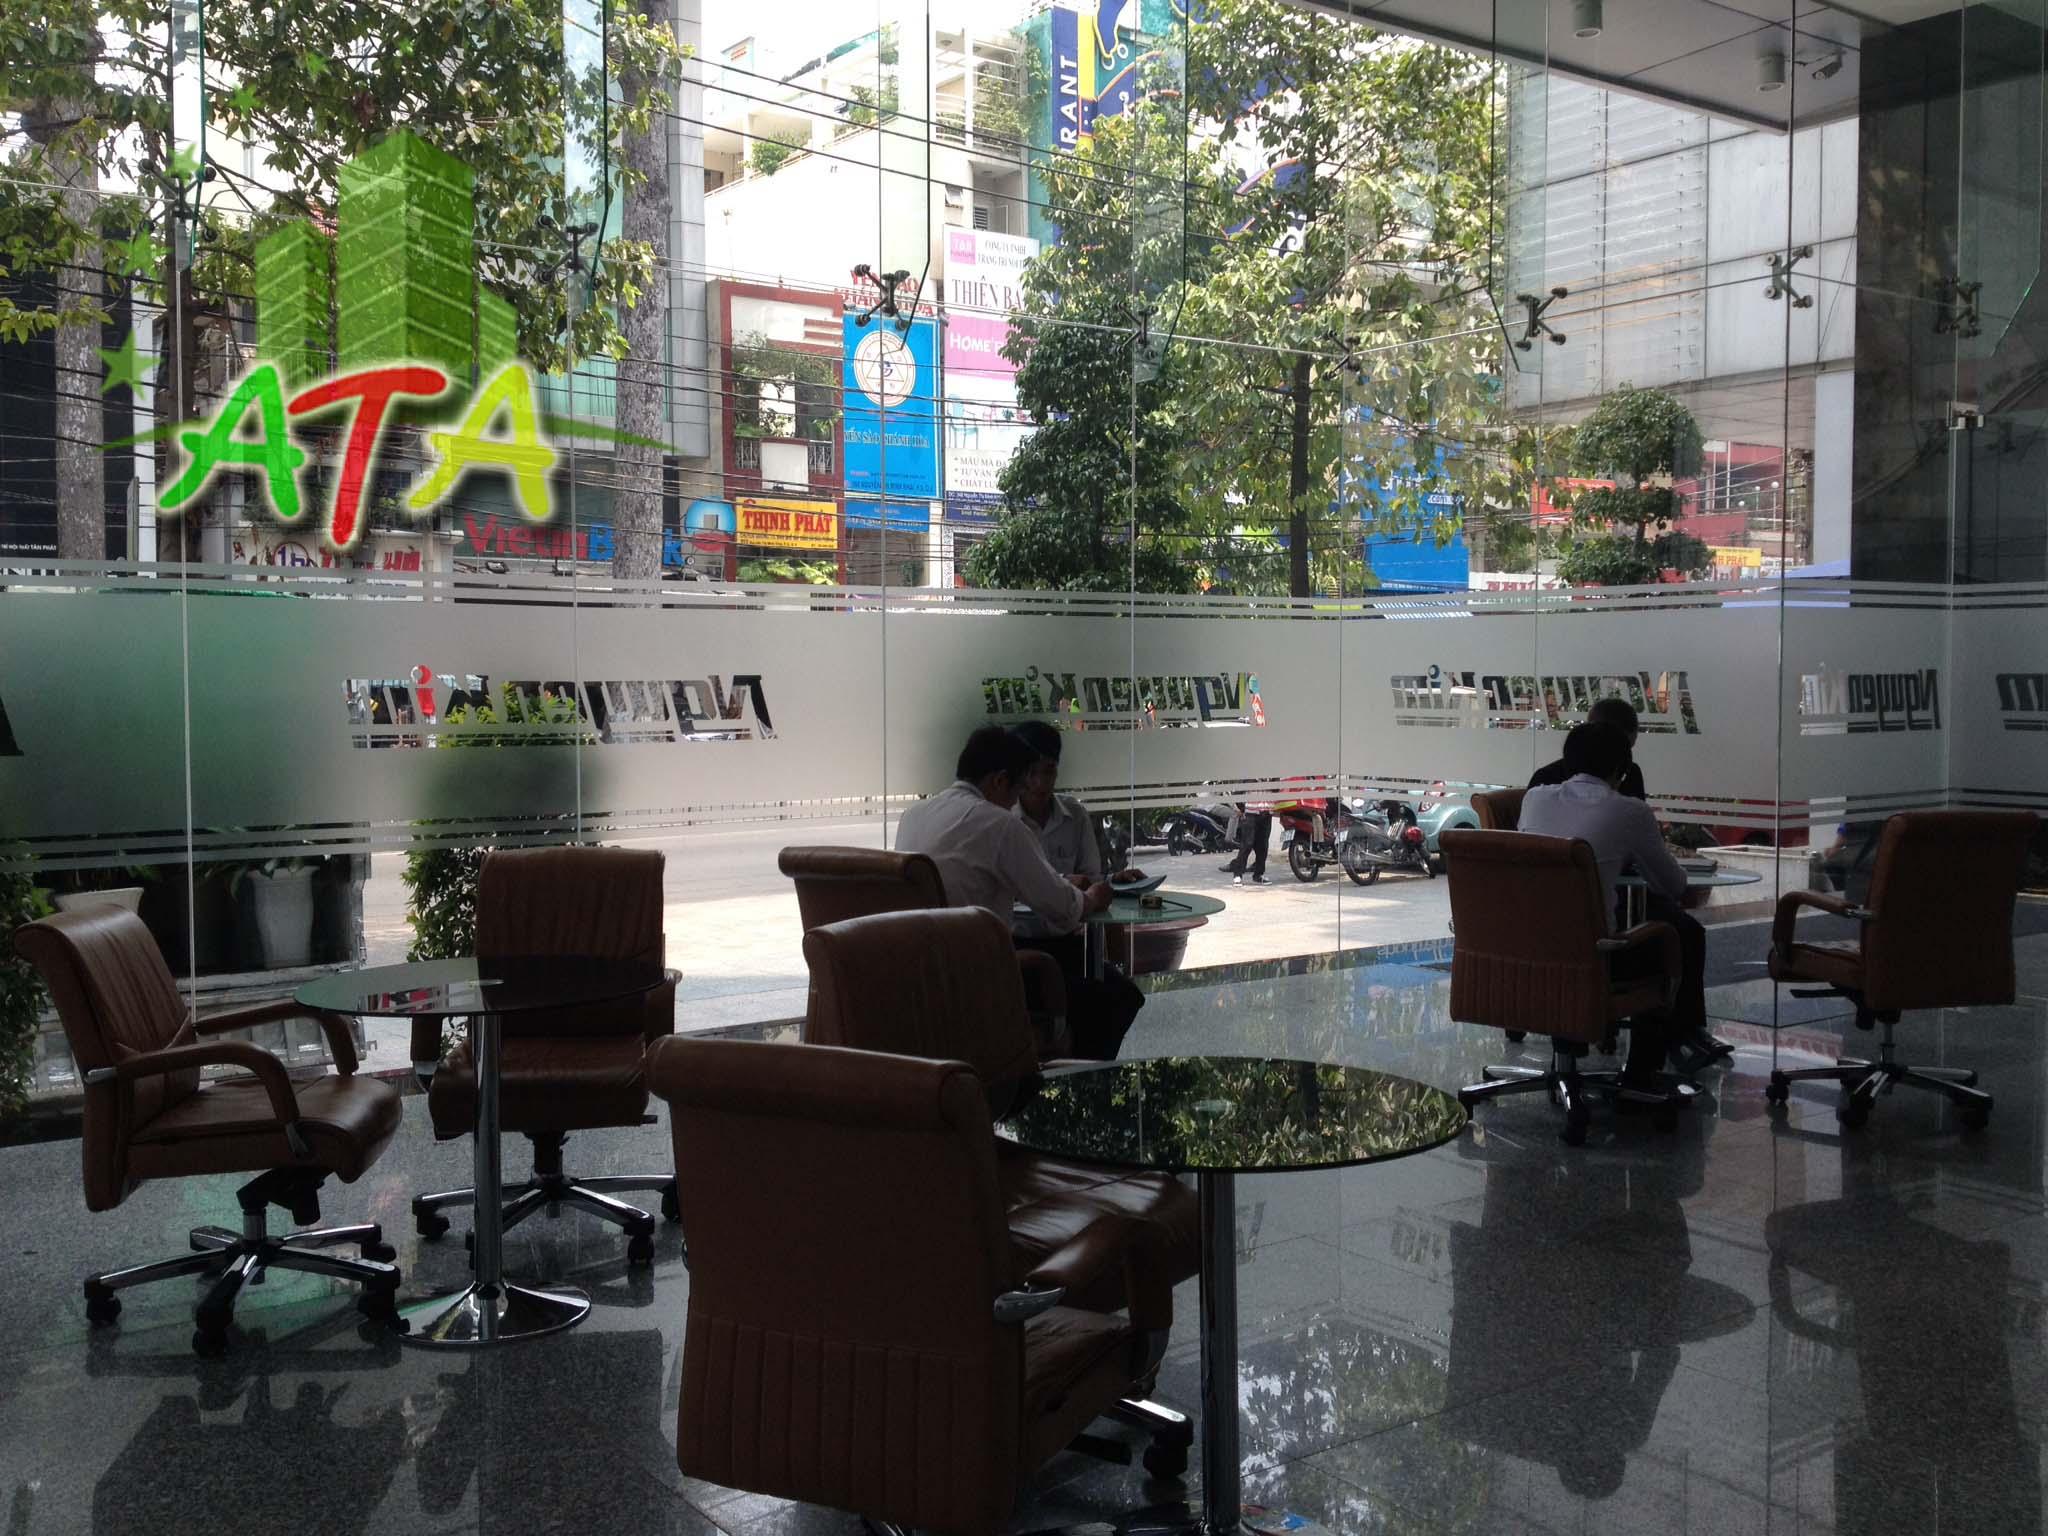 văn phòng cho thuê quận 1, Nguyễn Kim Building đường Nguyễn Thị Minh Khai, office for lease in District 1 HCMC